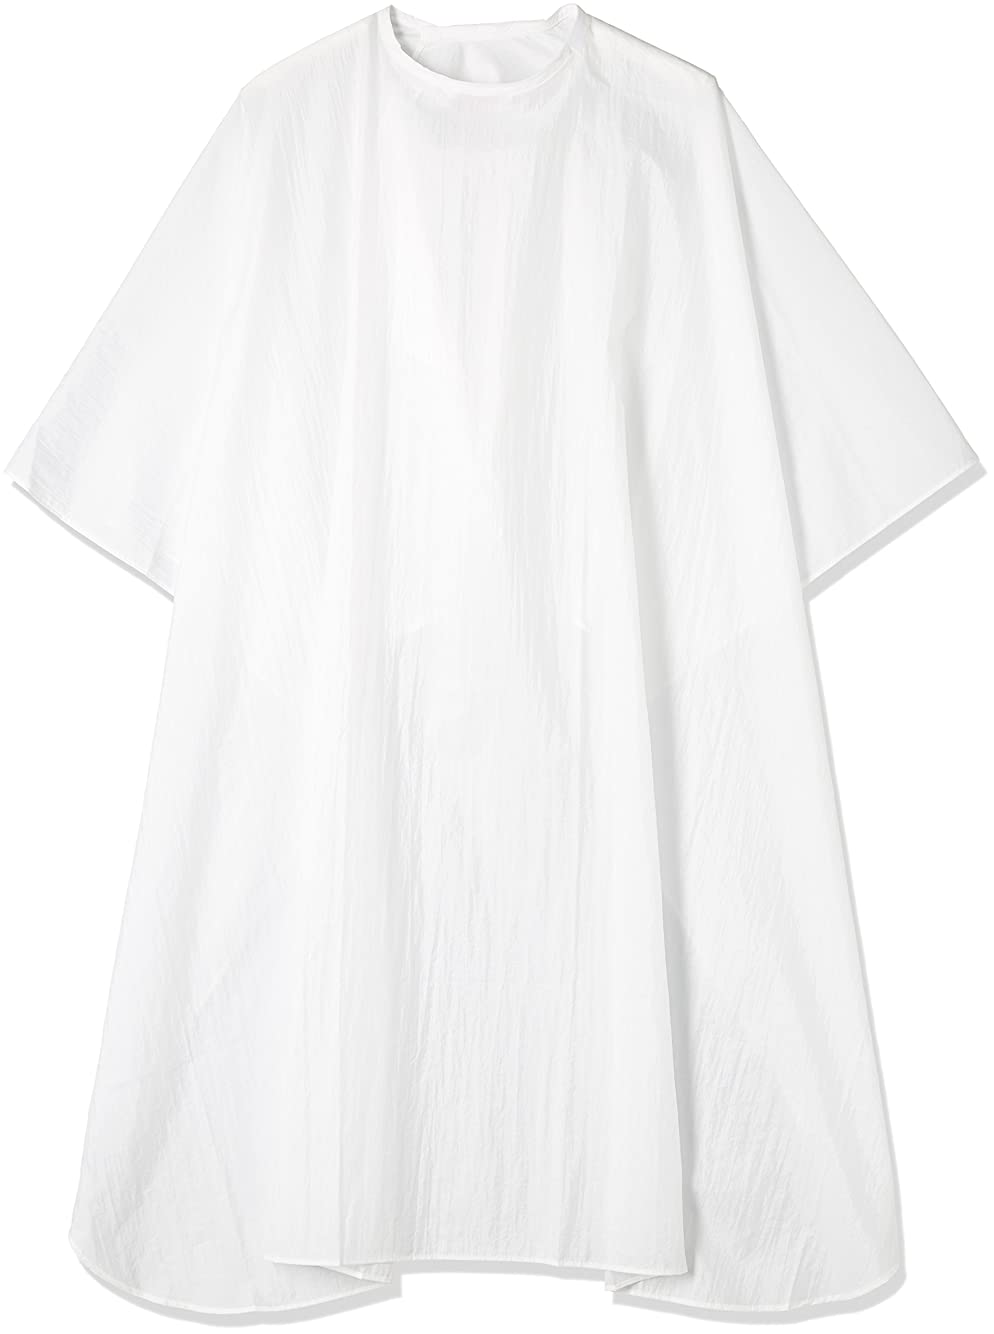 見習い不正確ペットエルコ シワカラー袖なしカット ホワイト60